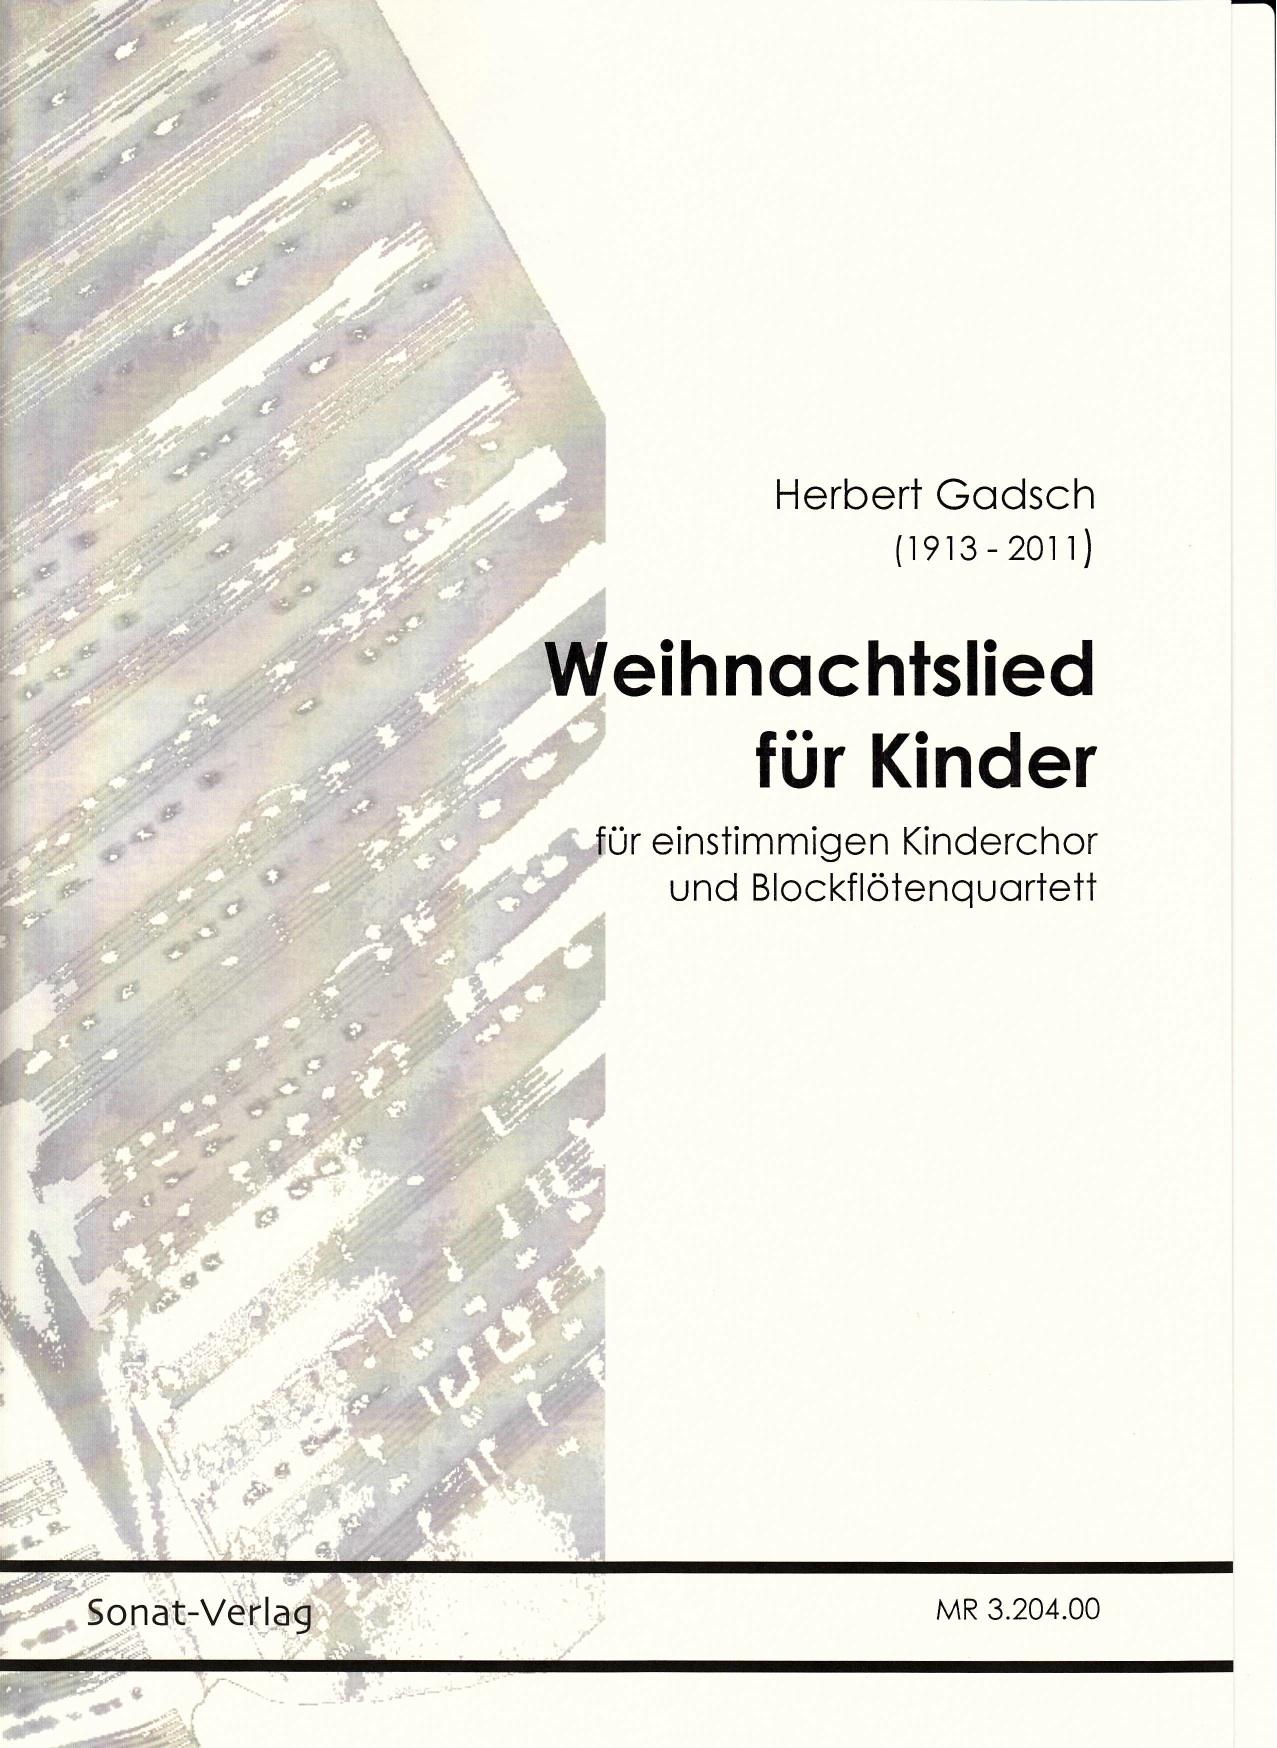 Weihnachtslied für Kinder - Sonat-Verlag